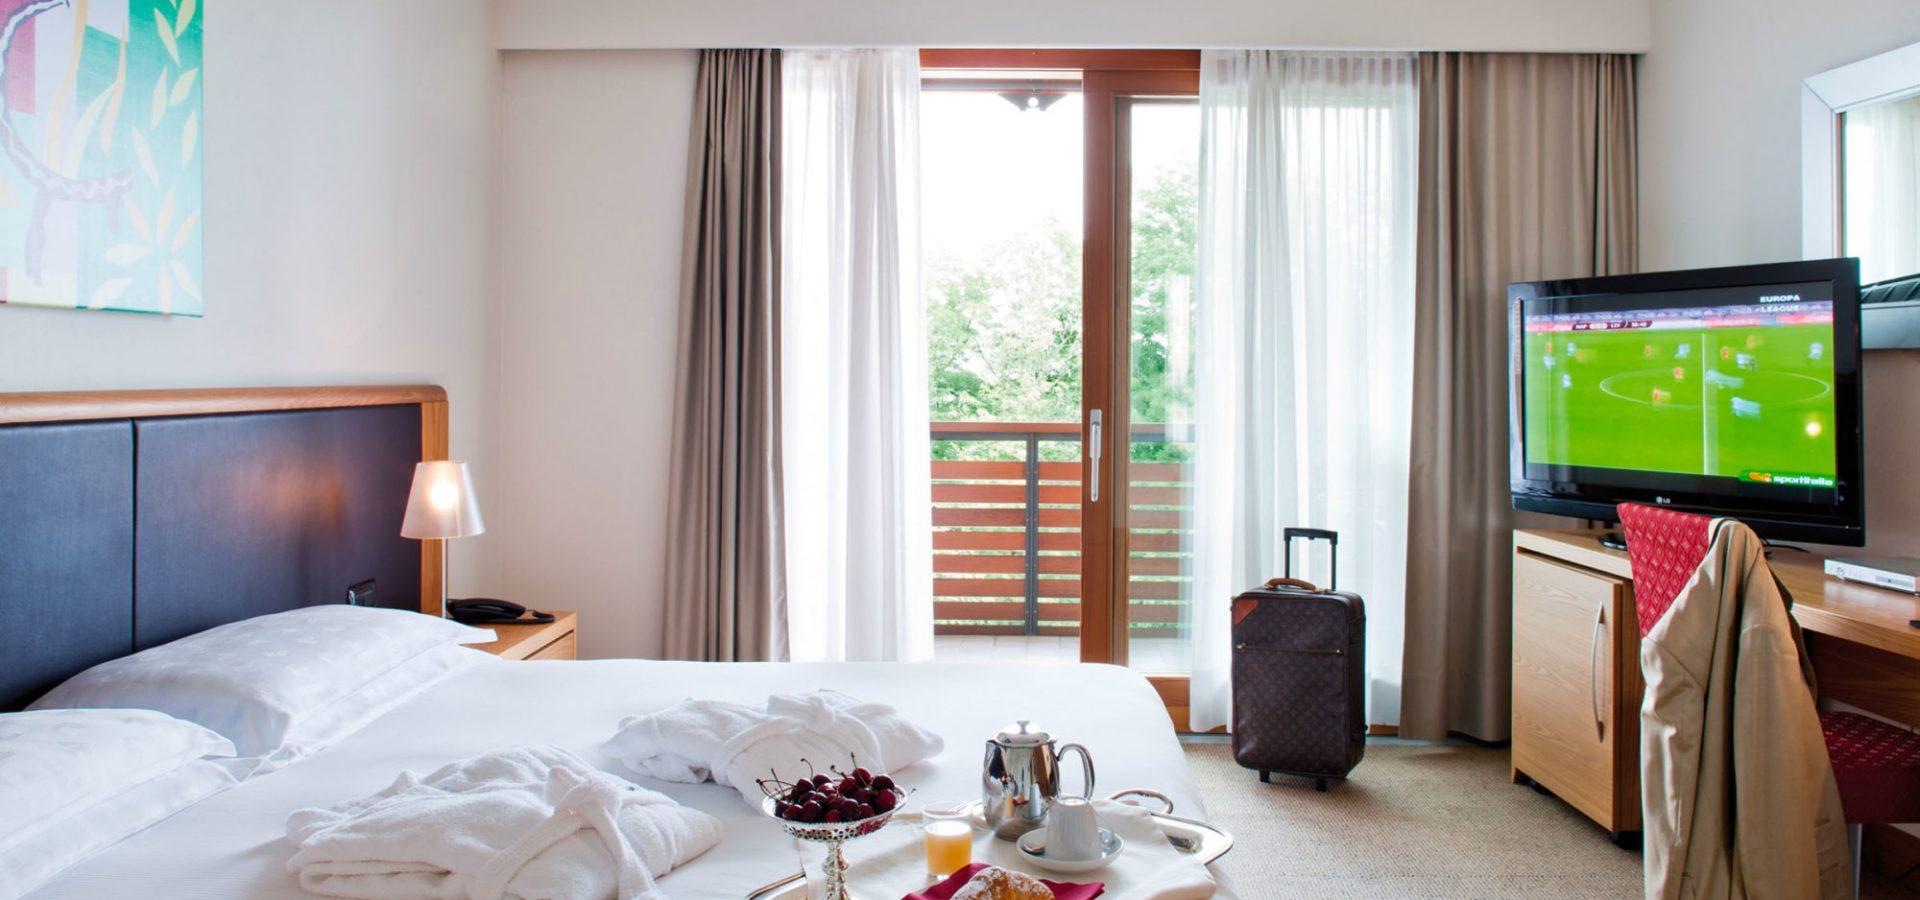 Hotel Relais Le Betulle Conegliano